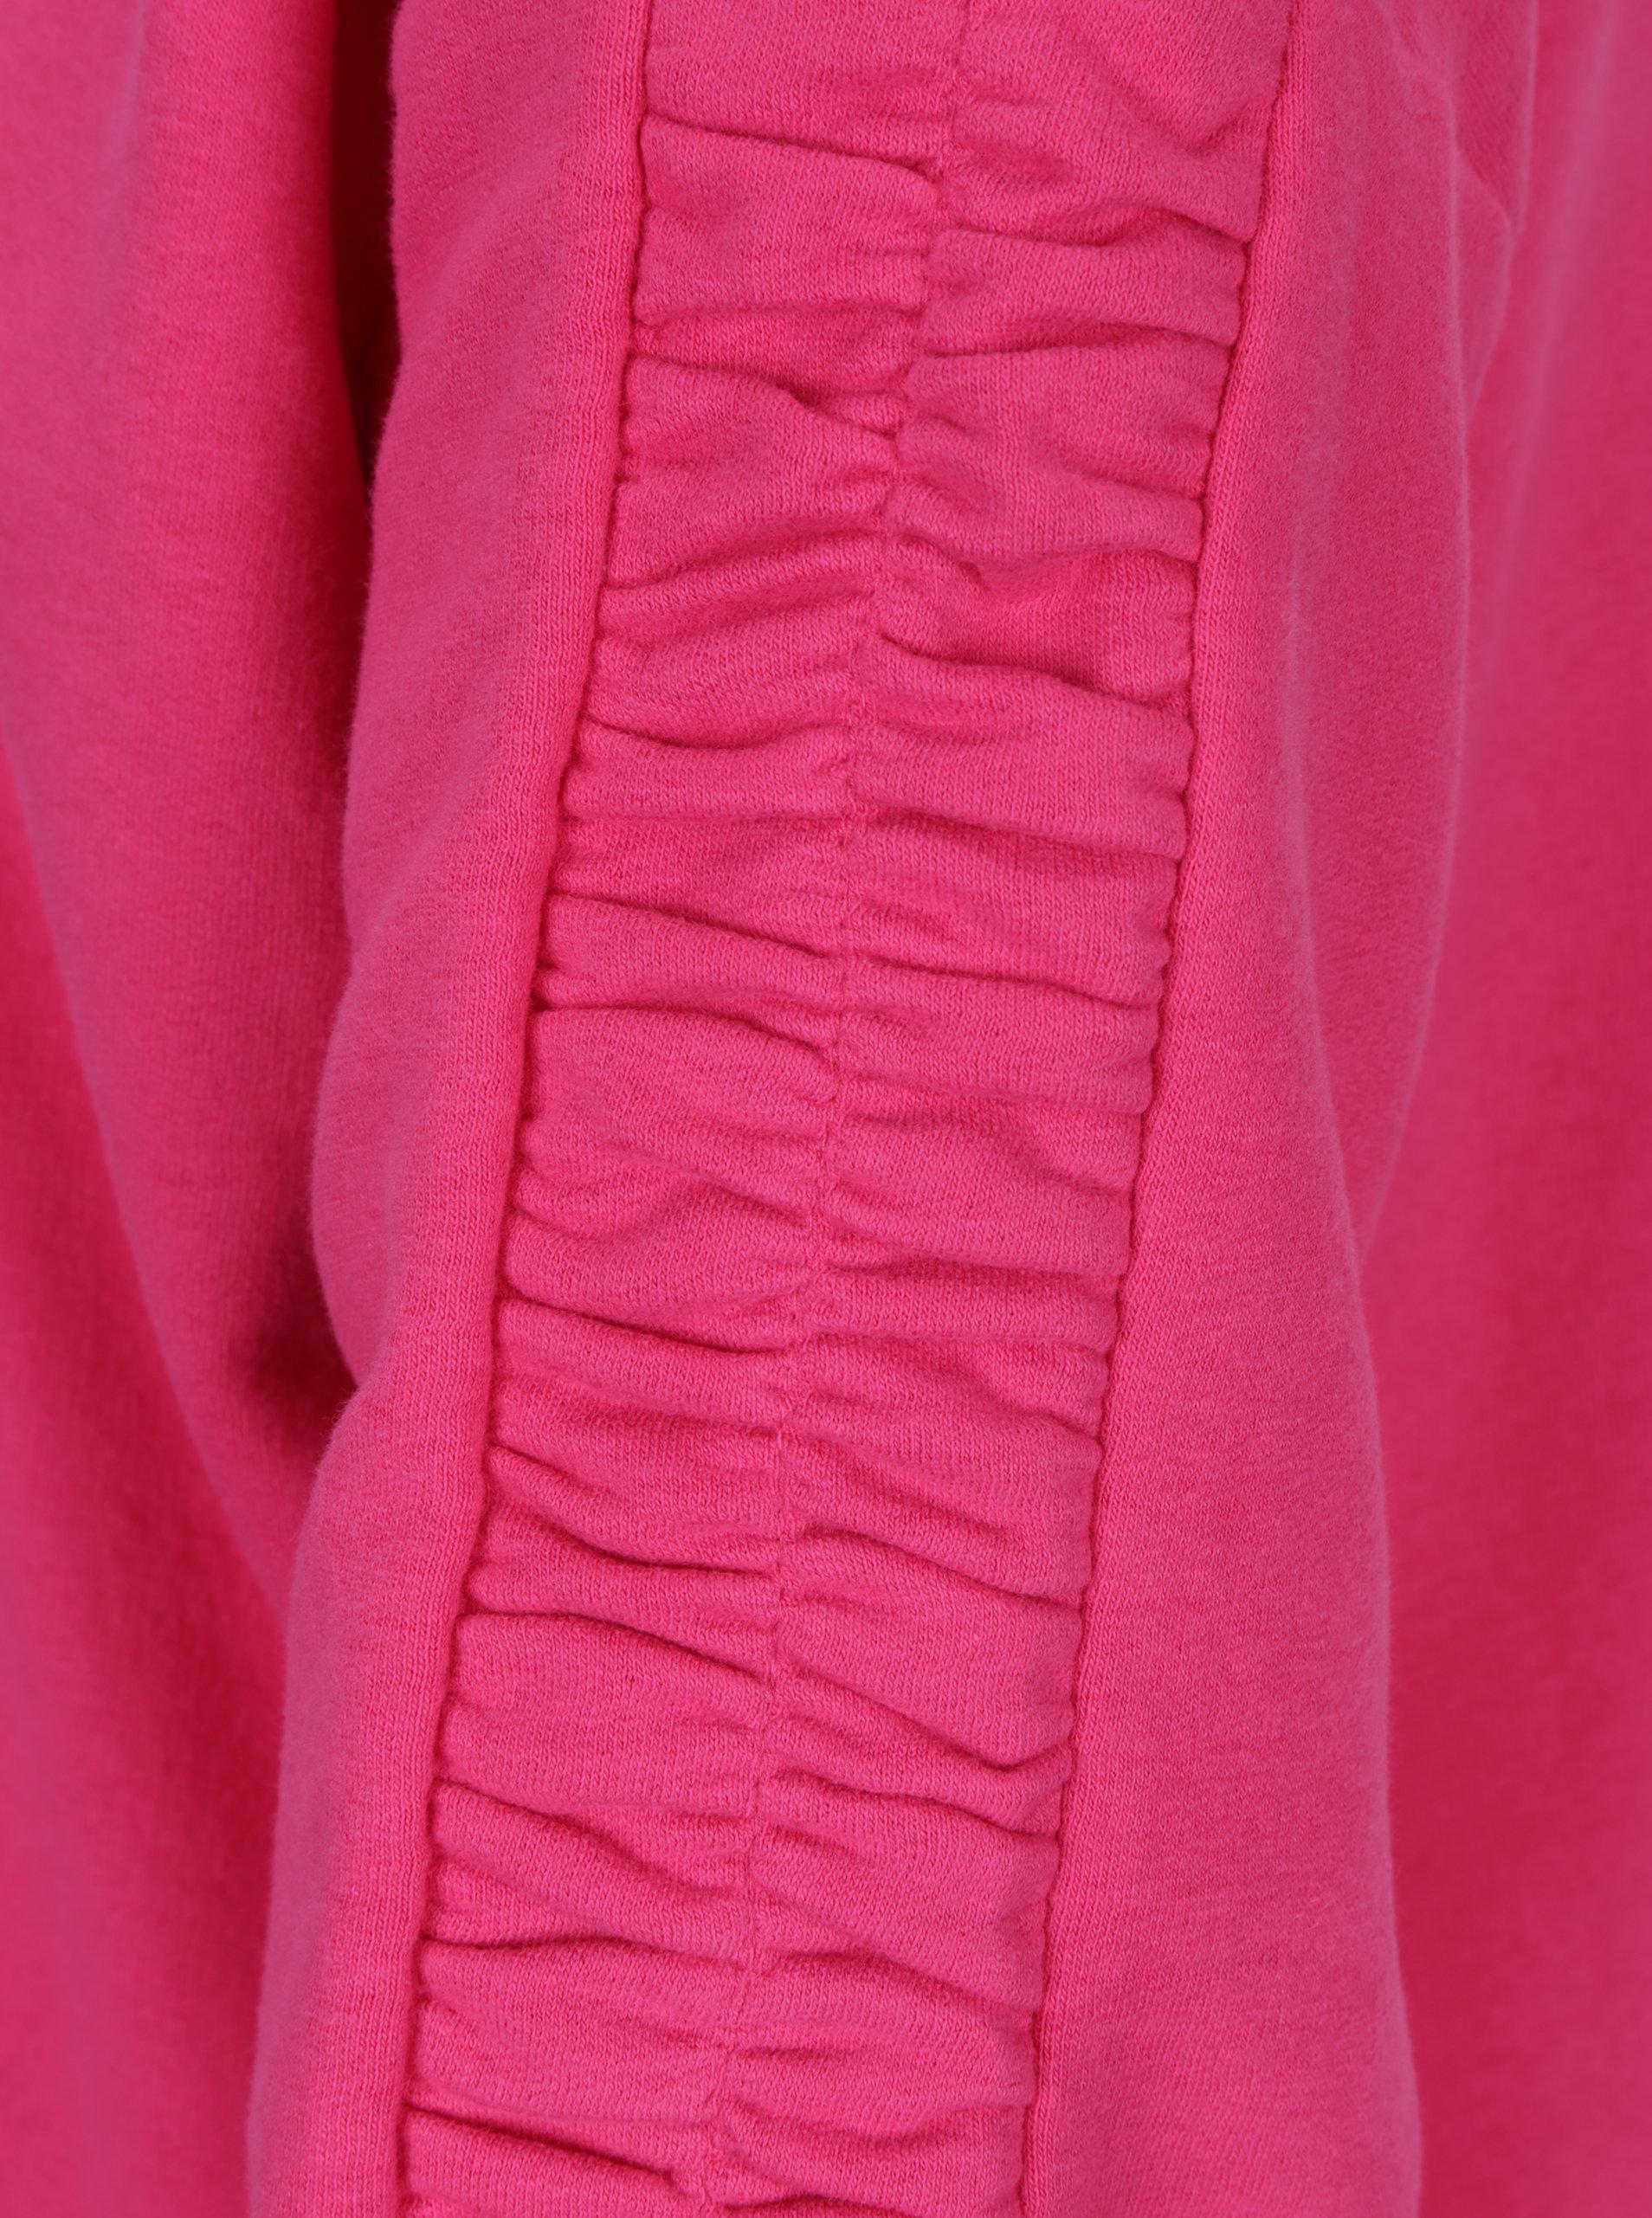 5d9e3b8506f Tmavě růžová mikina se stahováním na rukávech ONLY Winnie ...